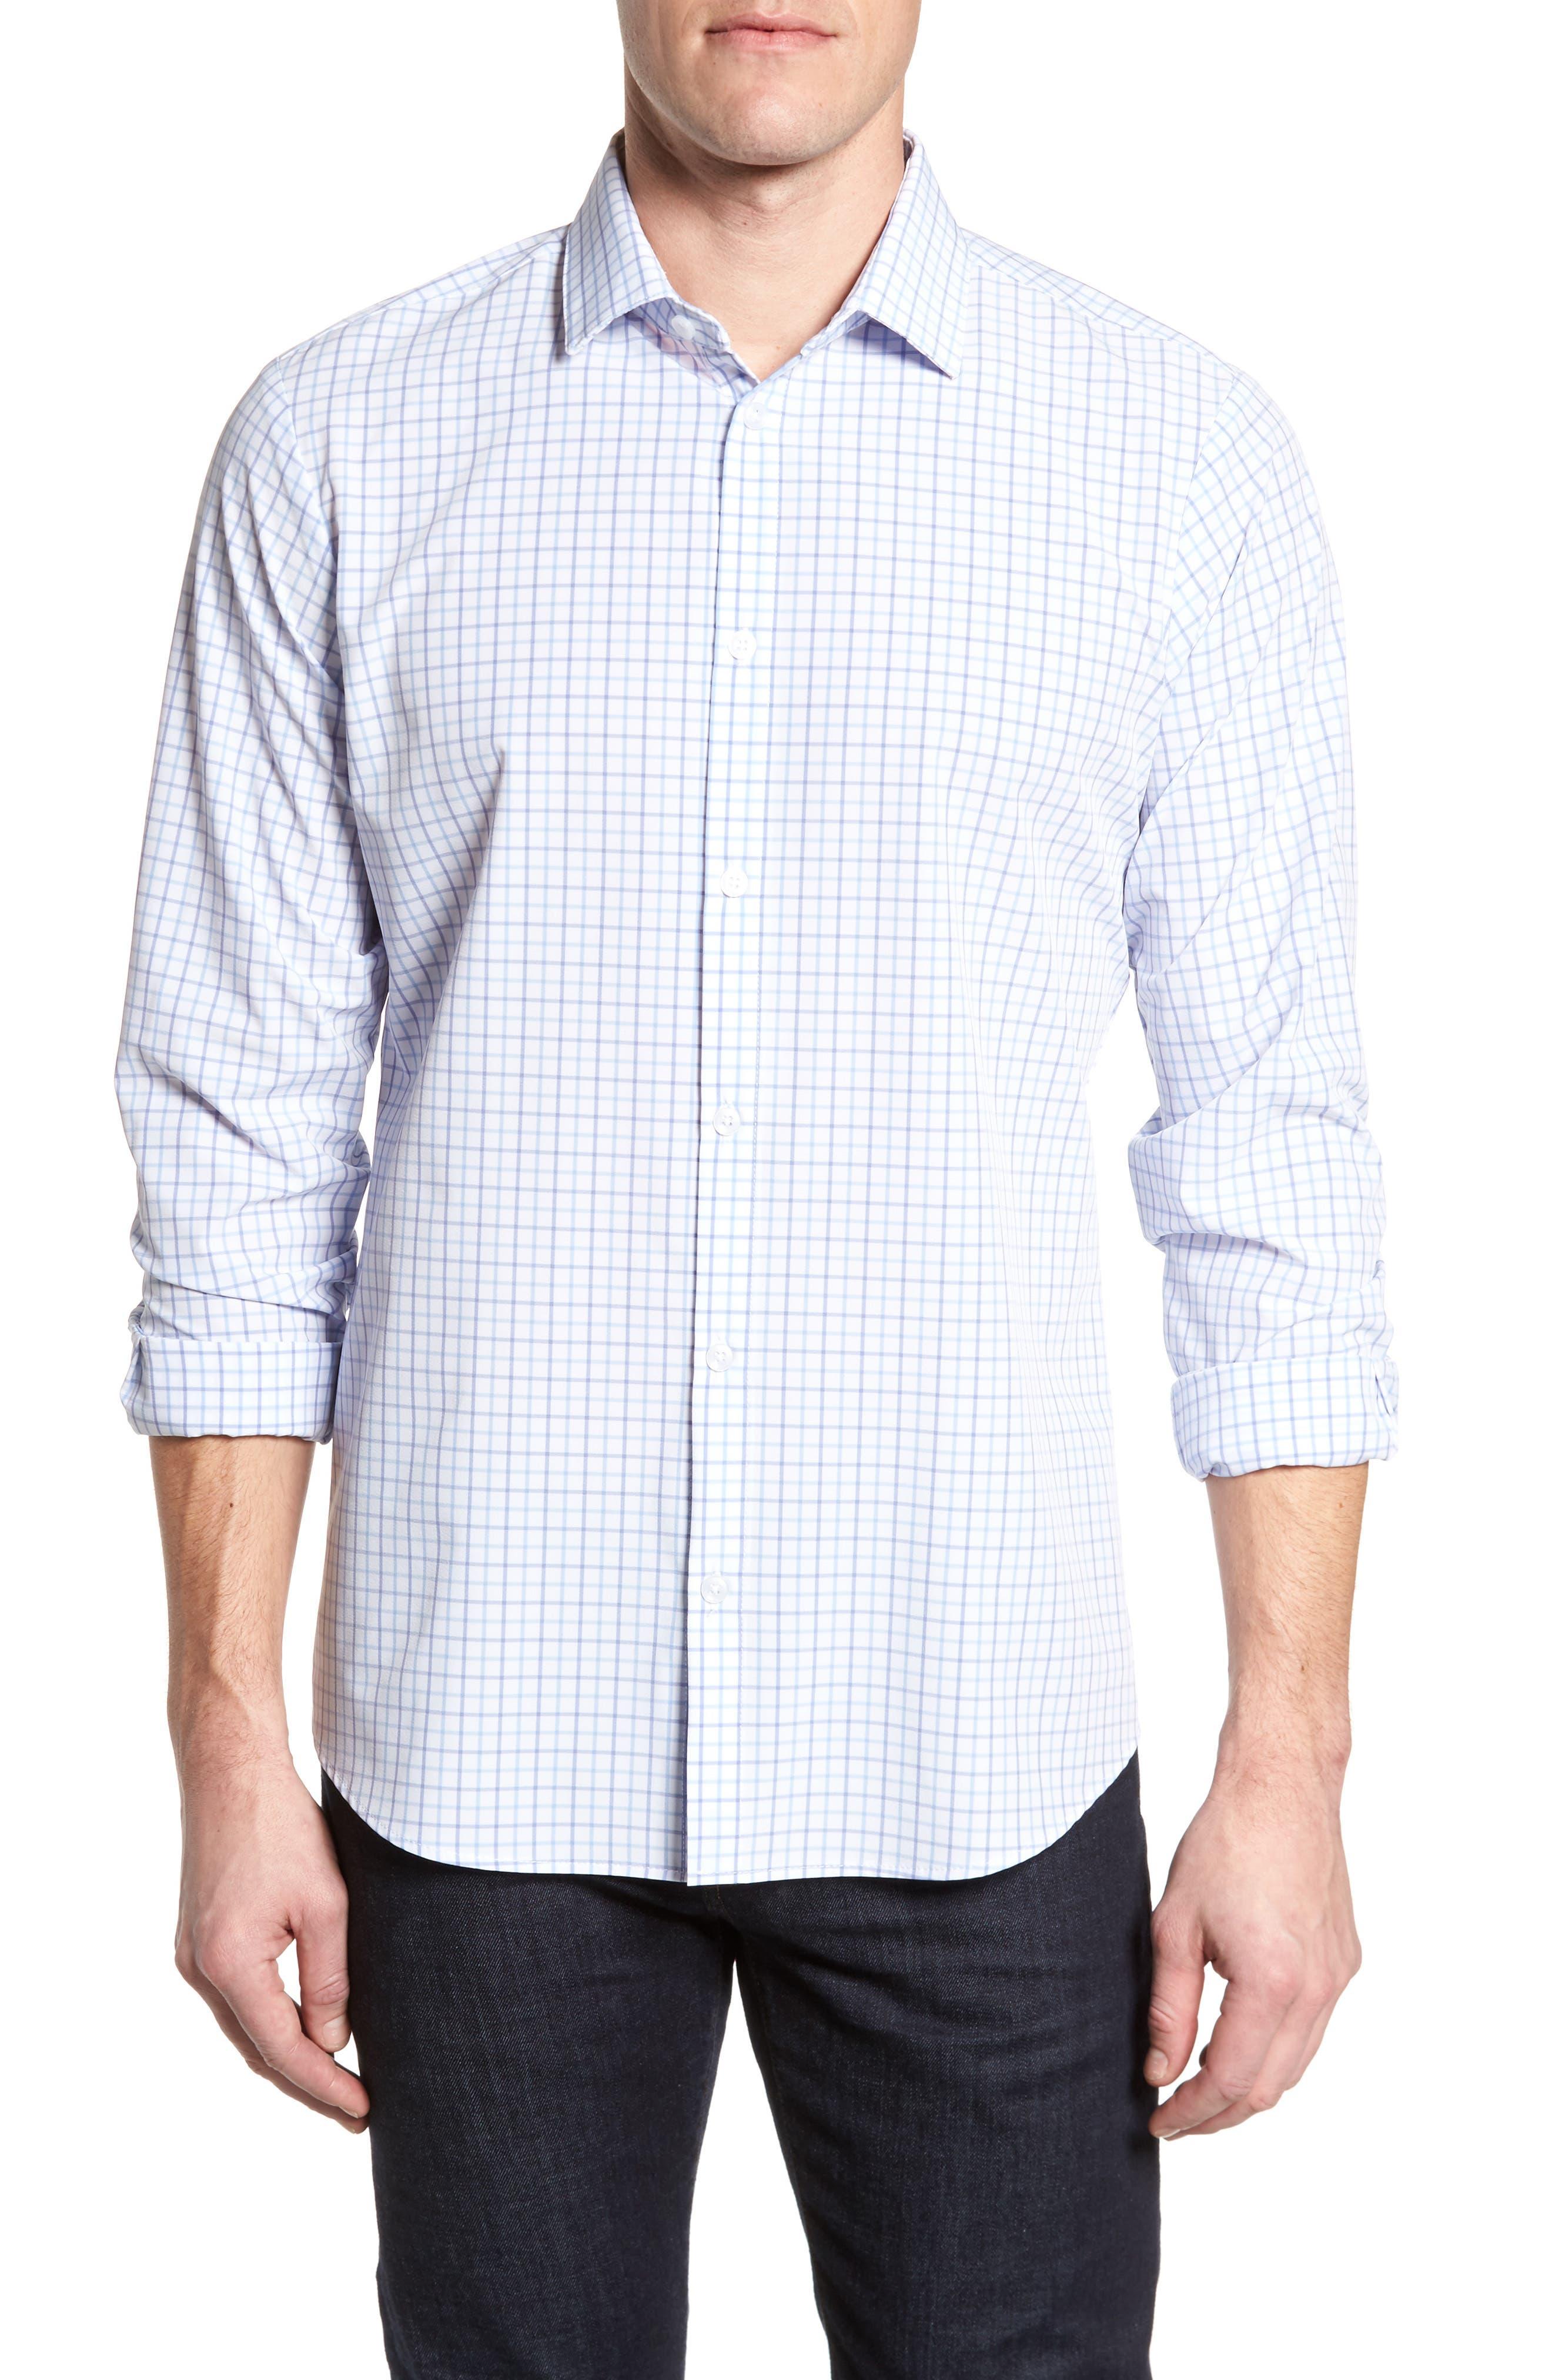 Hallandale Dusty Lavender Check Sport Shirt,                             Main thumbnail 1, color,                             160